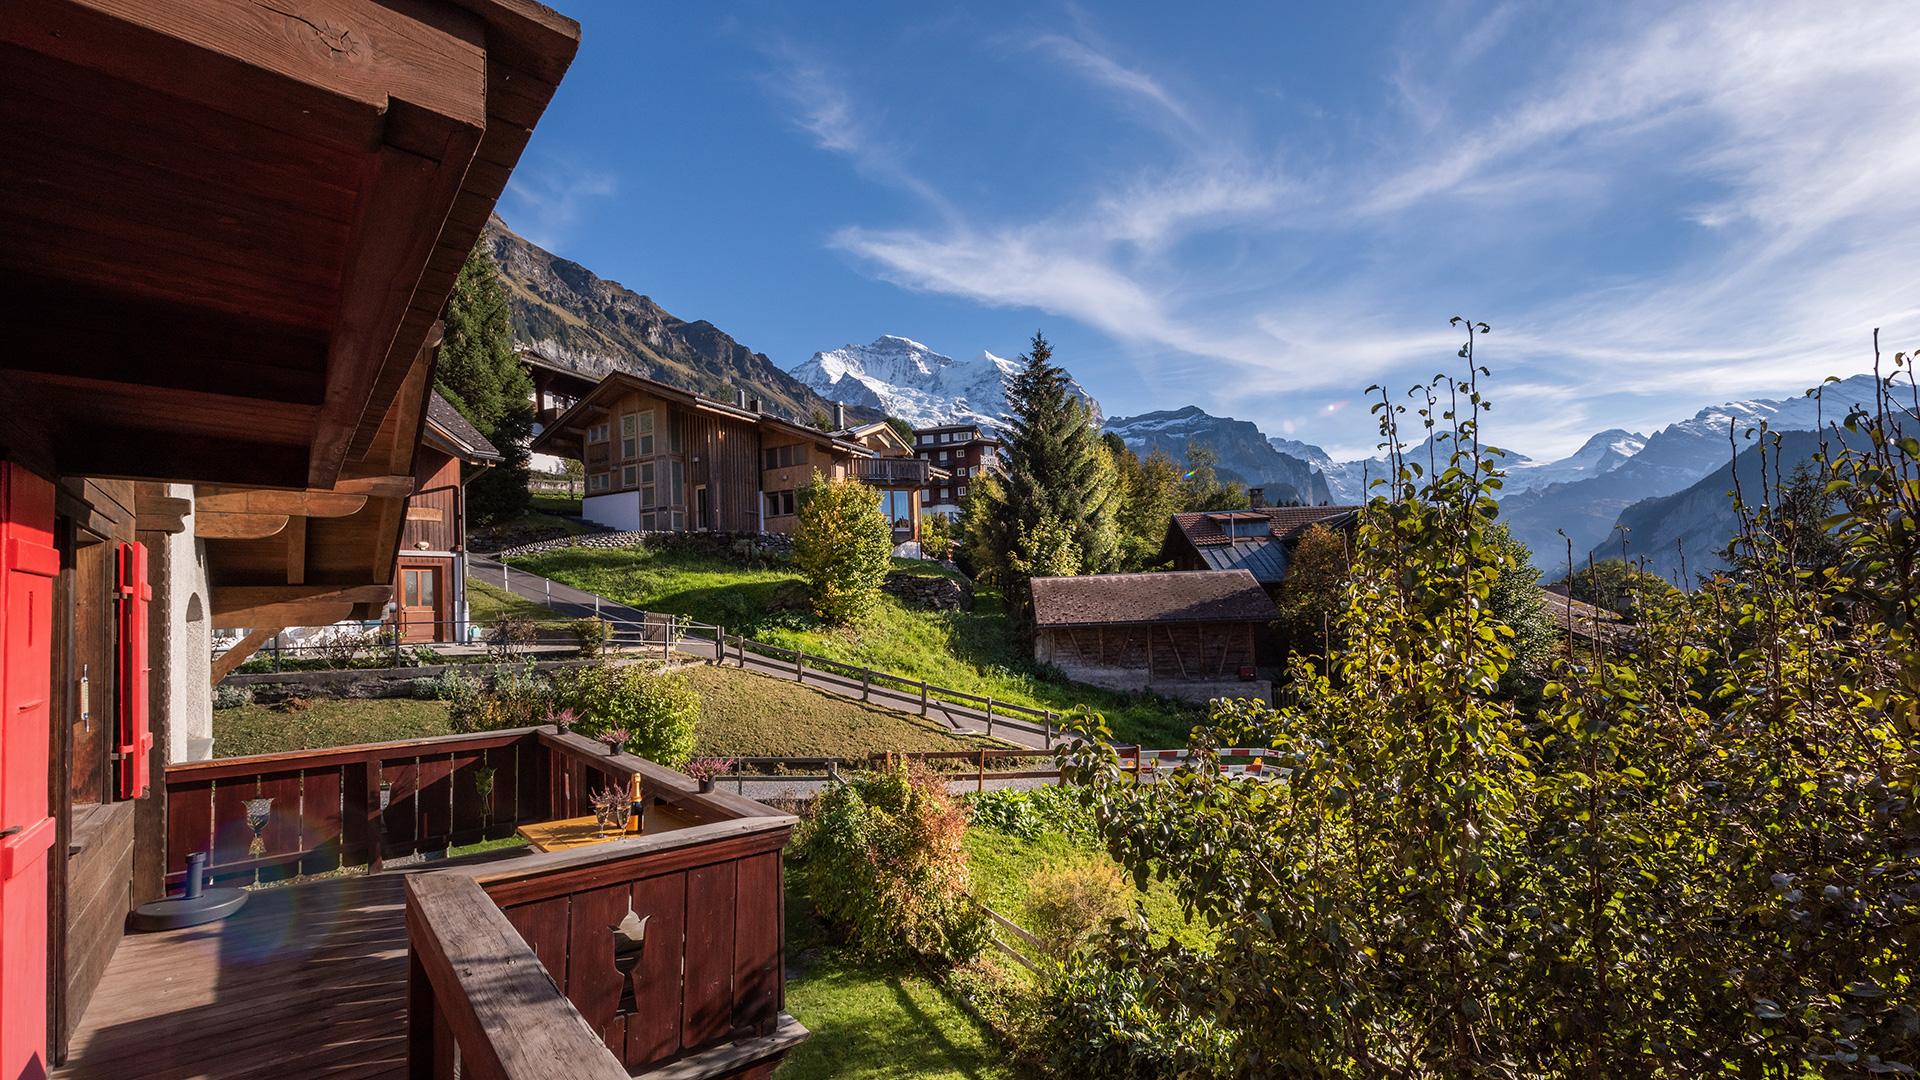 Chalet Schwälbeli Chalet, Switzerland